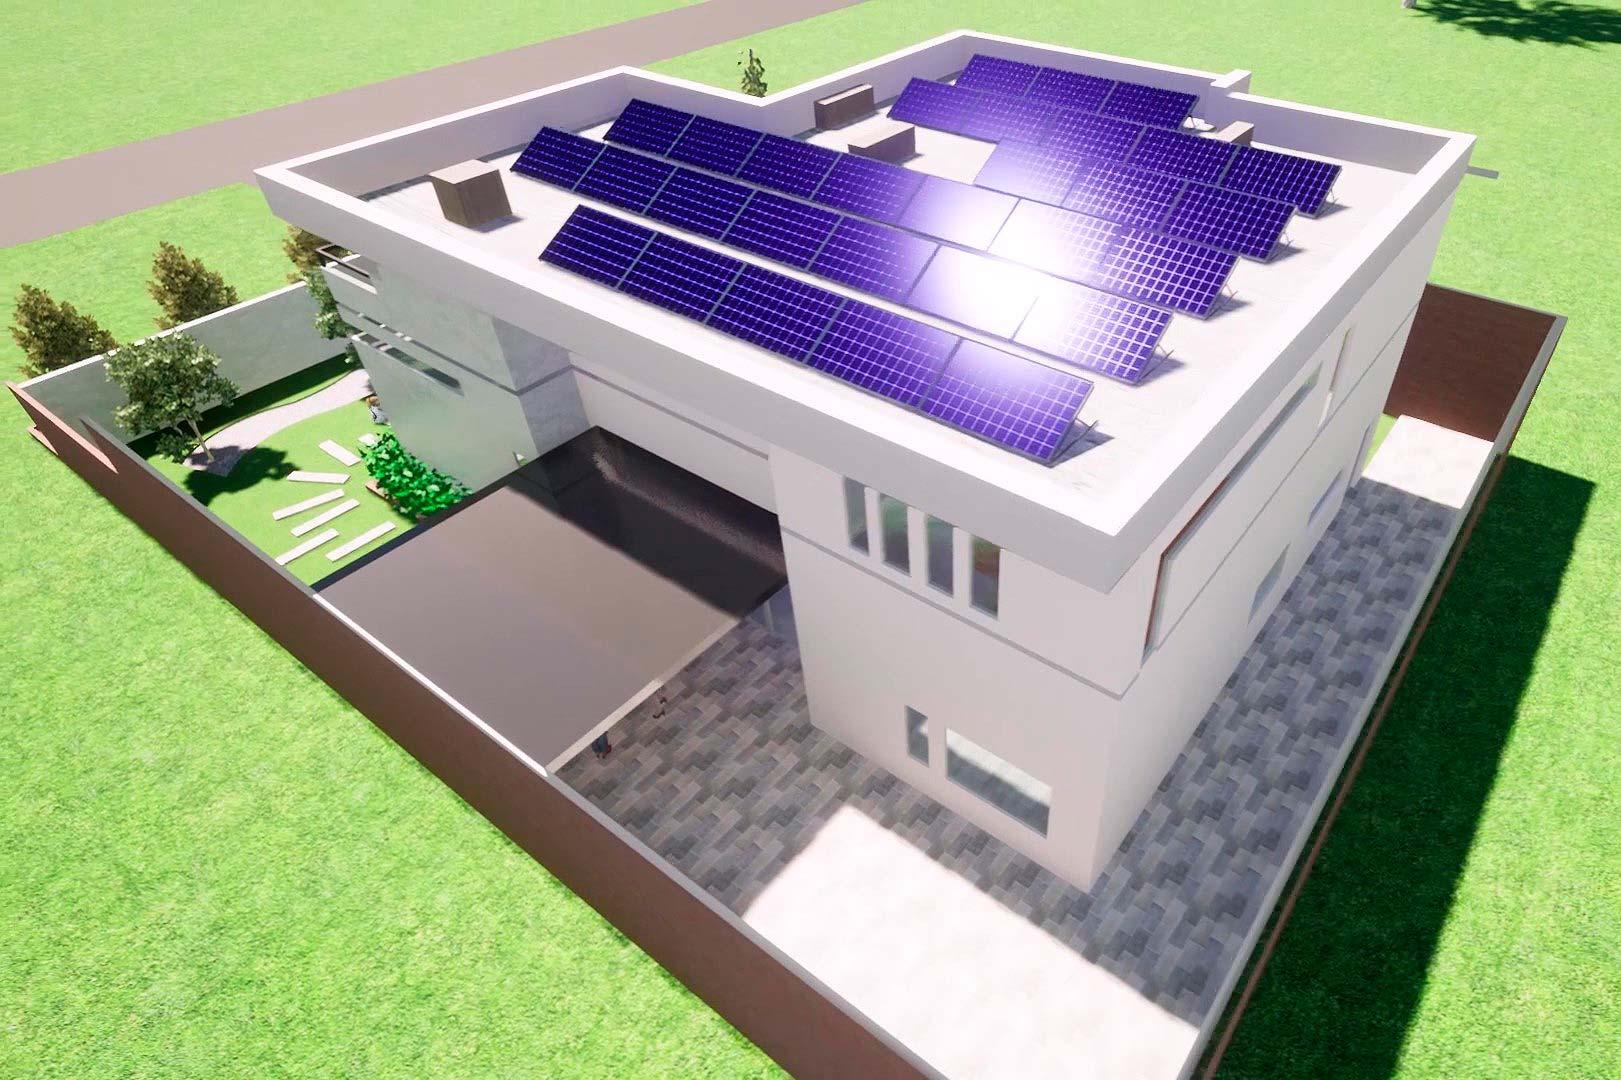 Розпочато проєктування сучасної системи енергозабезпечення для котеджного містечка